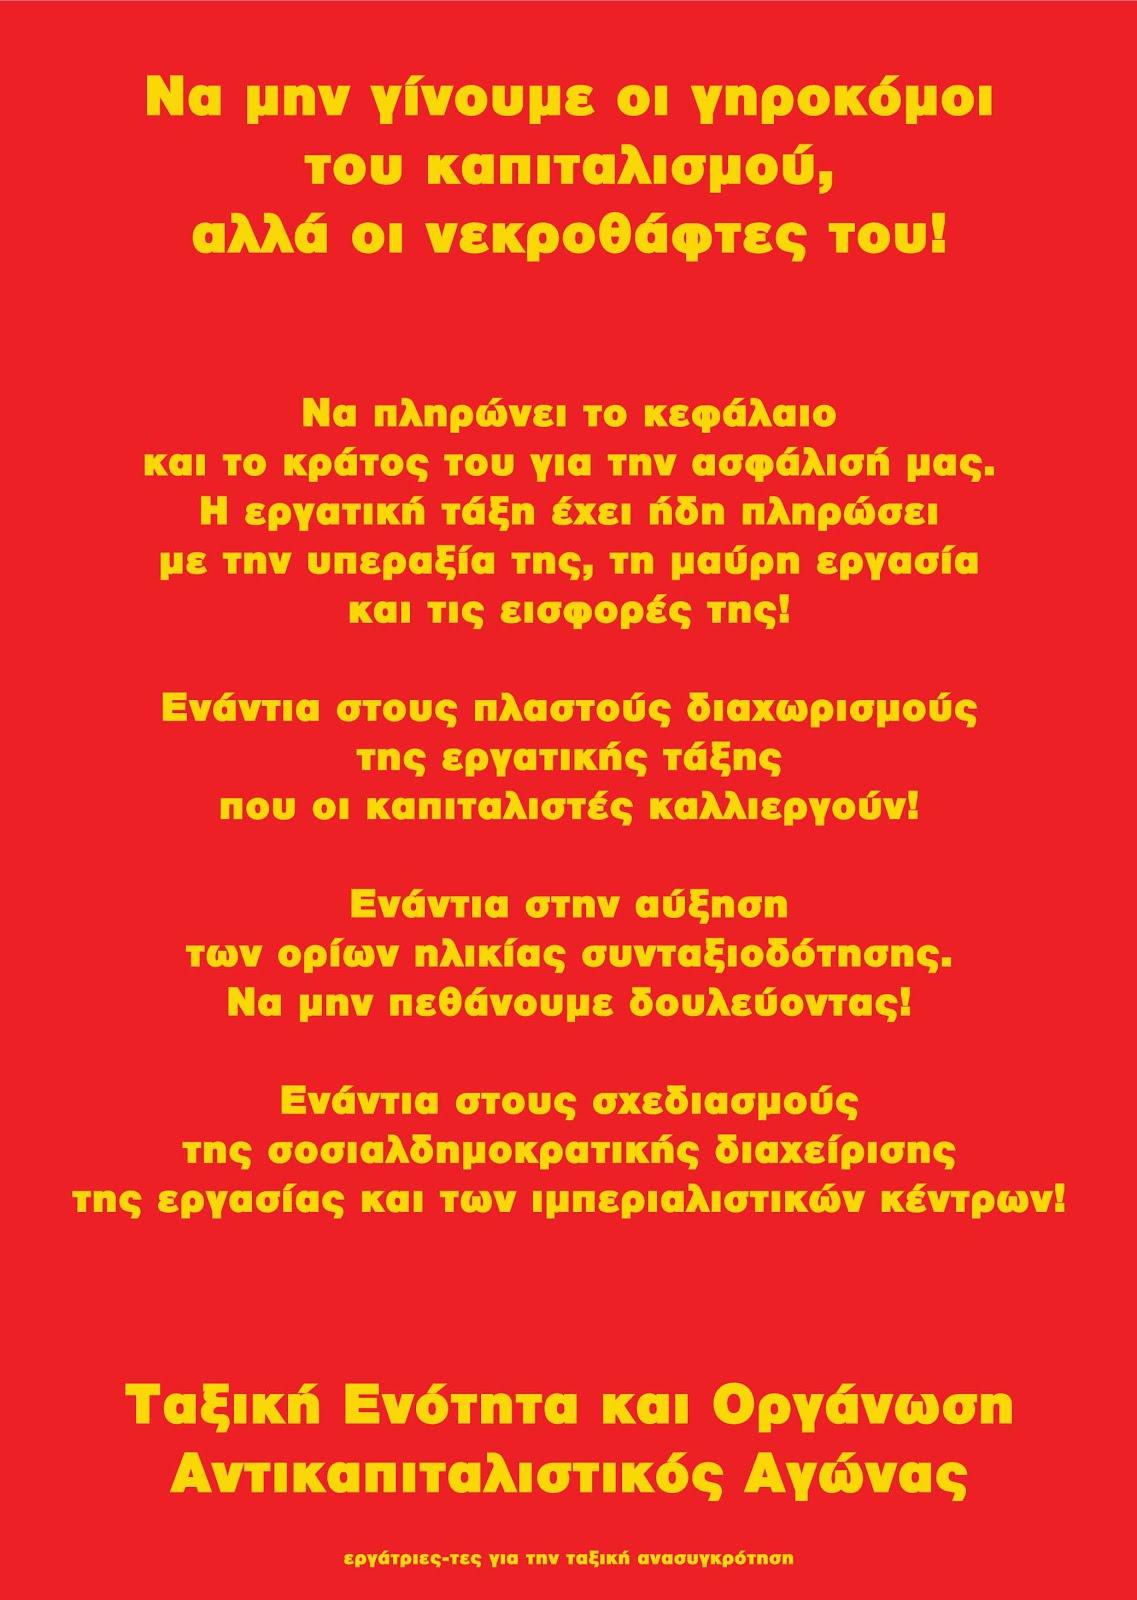 Ταξική Ενότητα και Οργάνωση